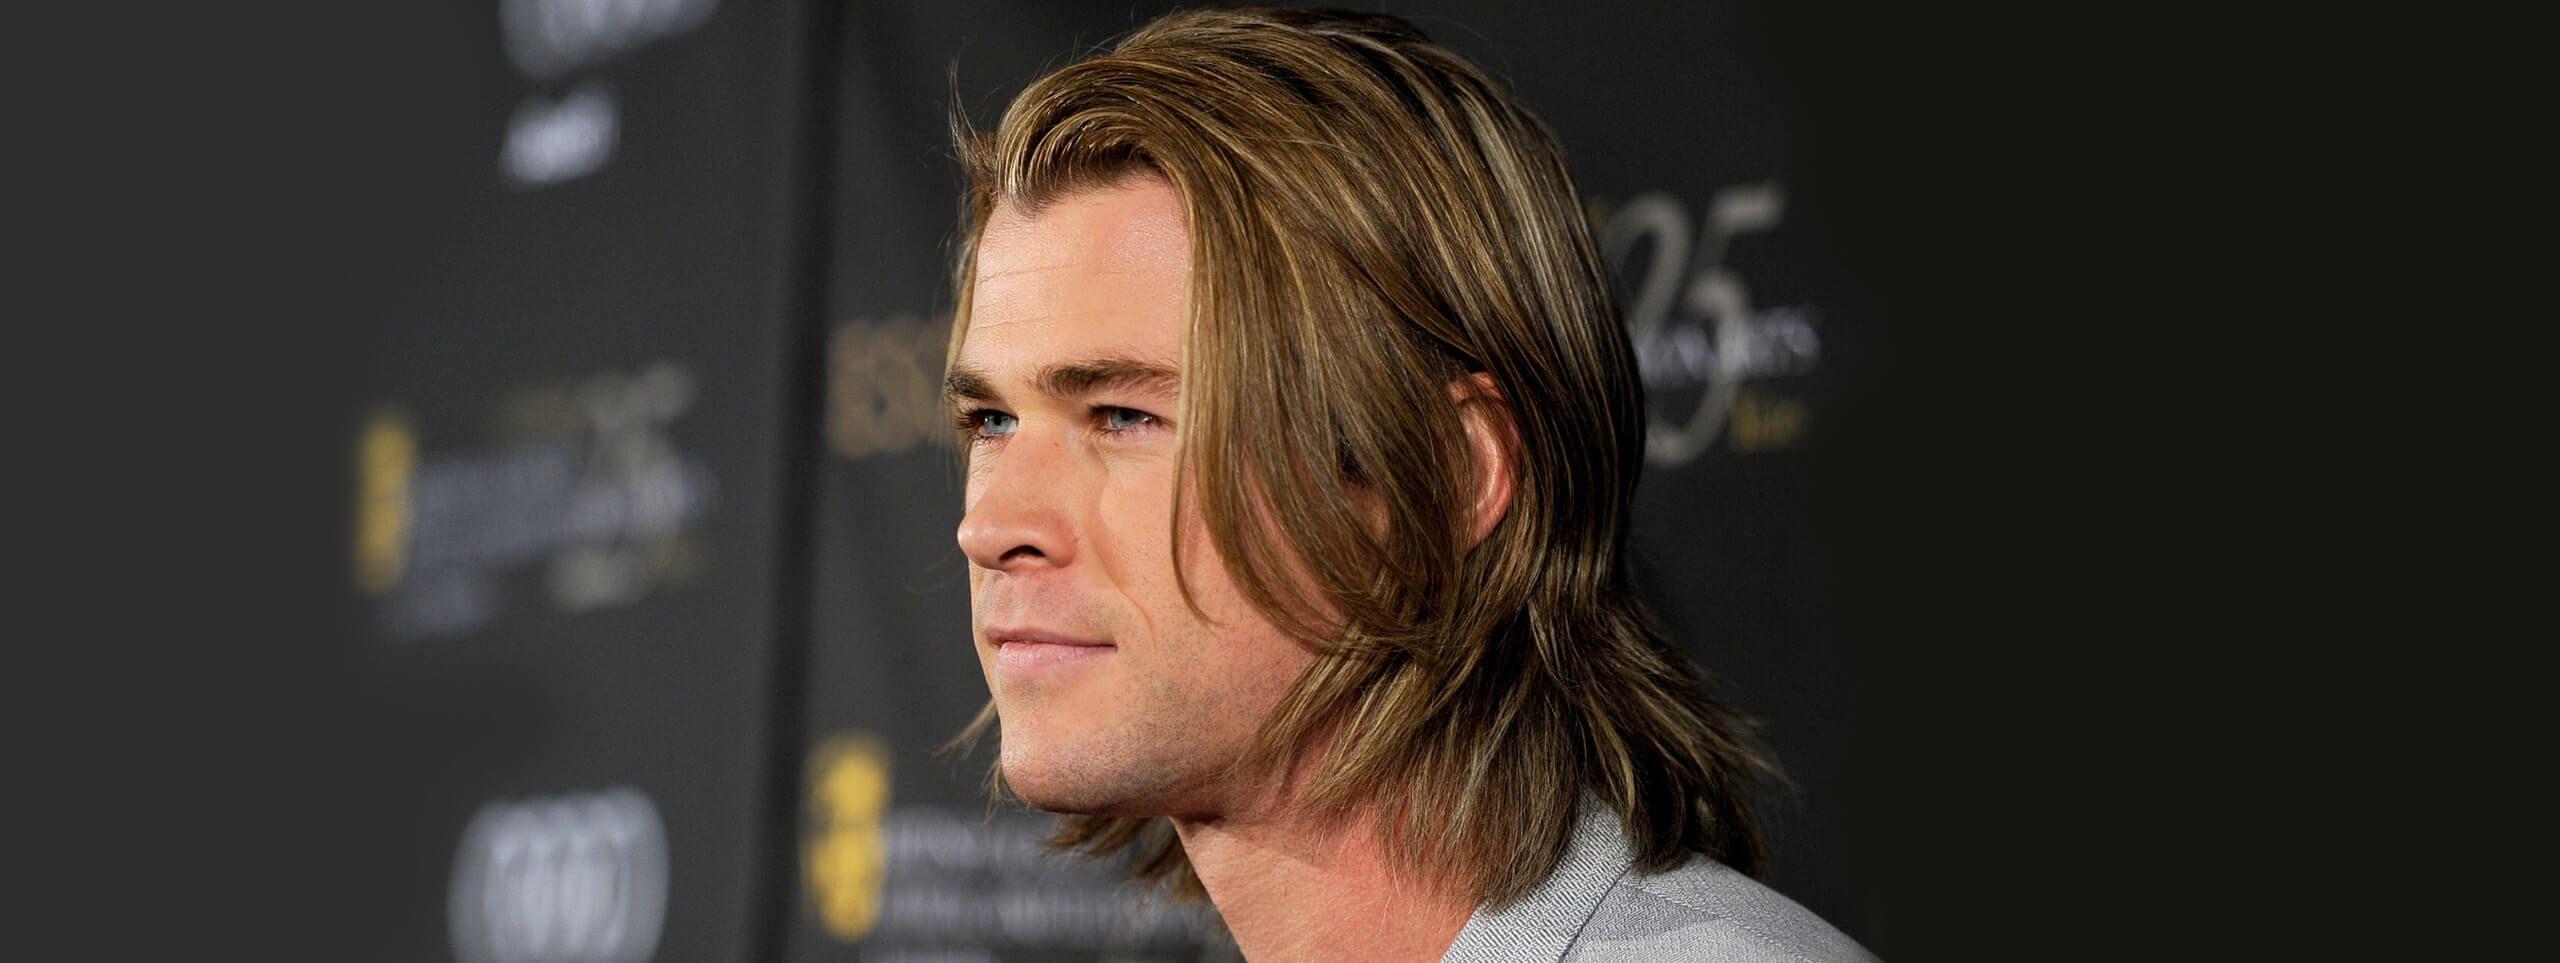 Acteur cheveux mi-longs